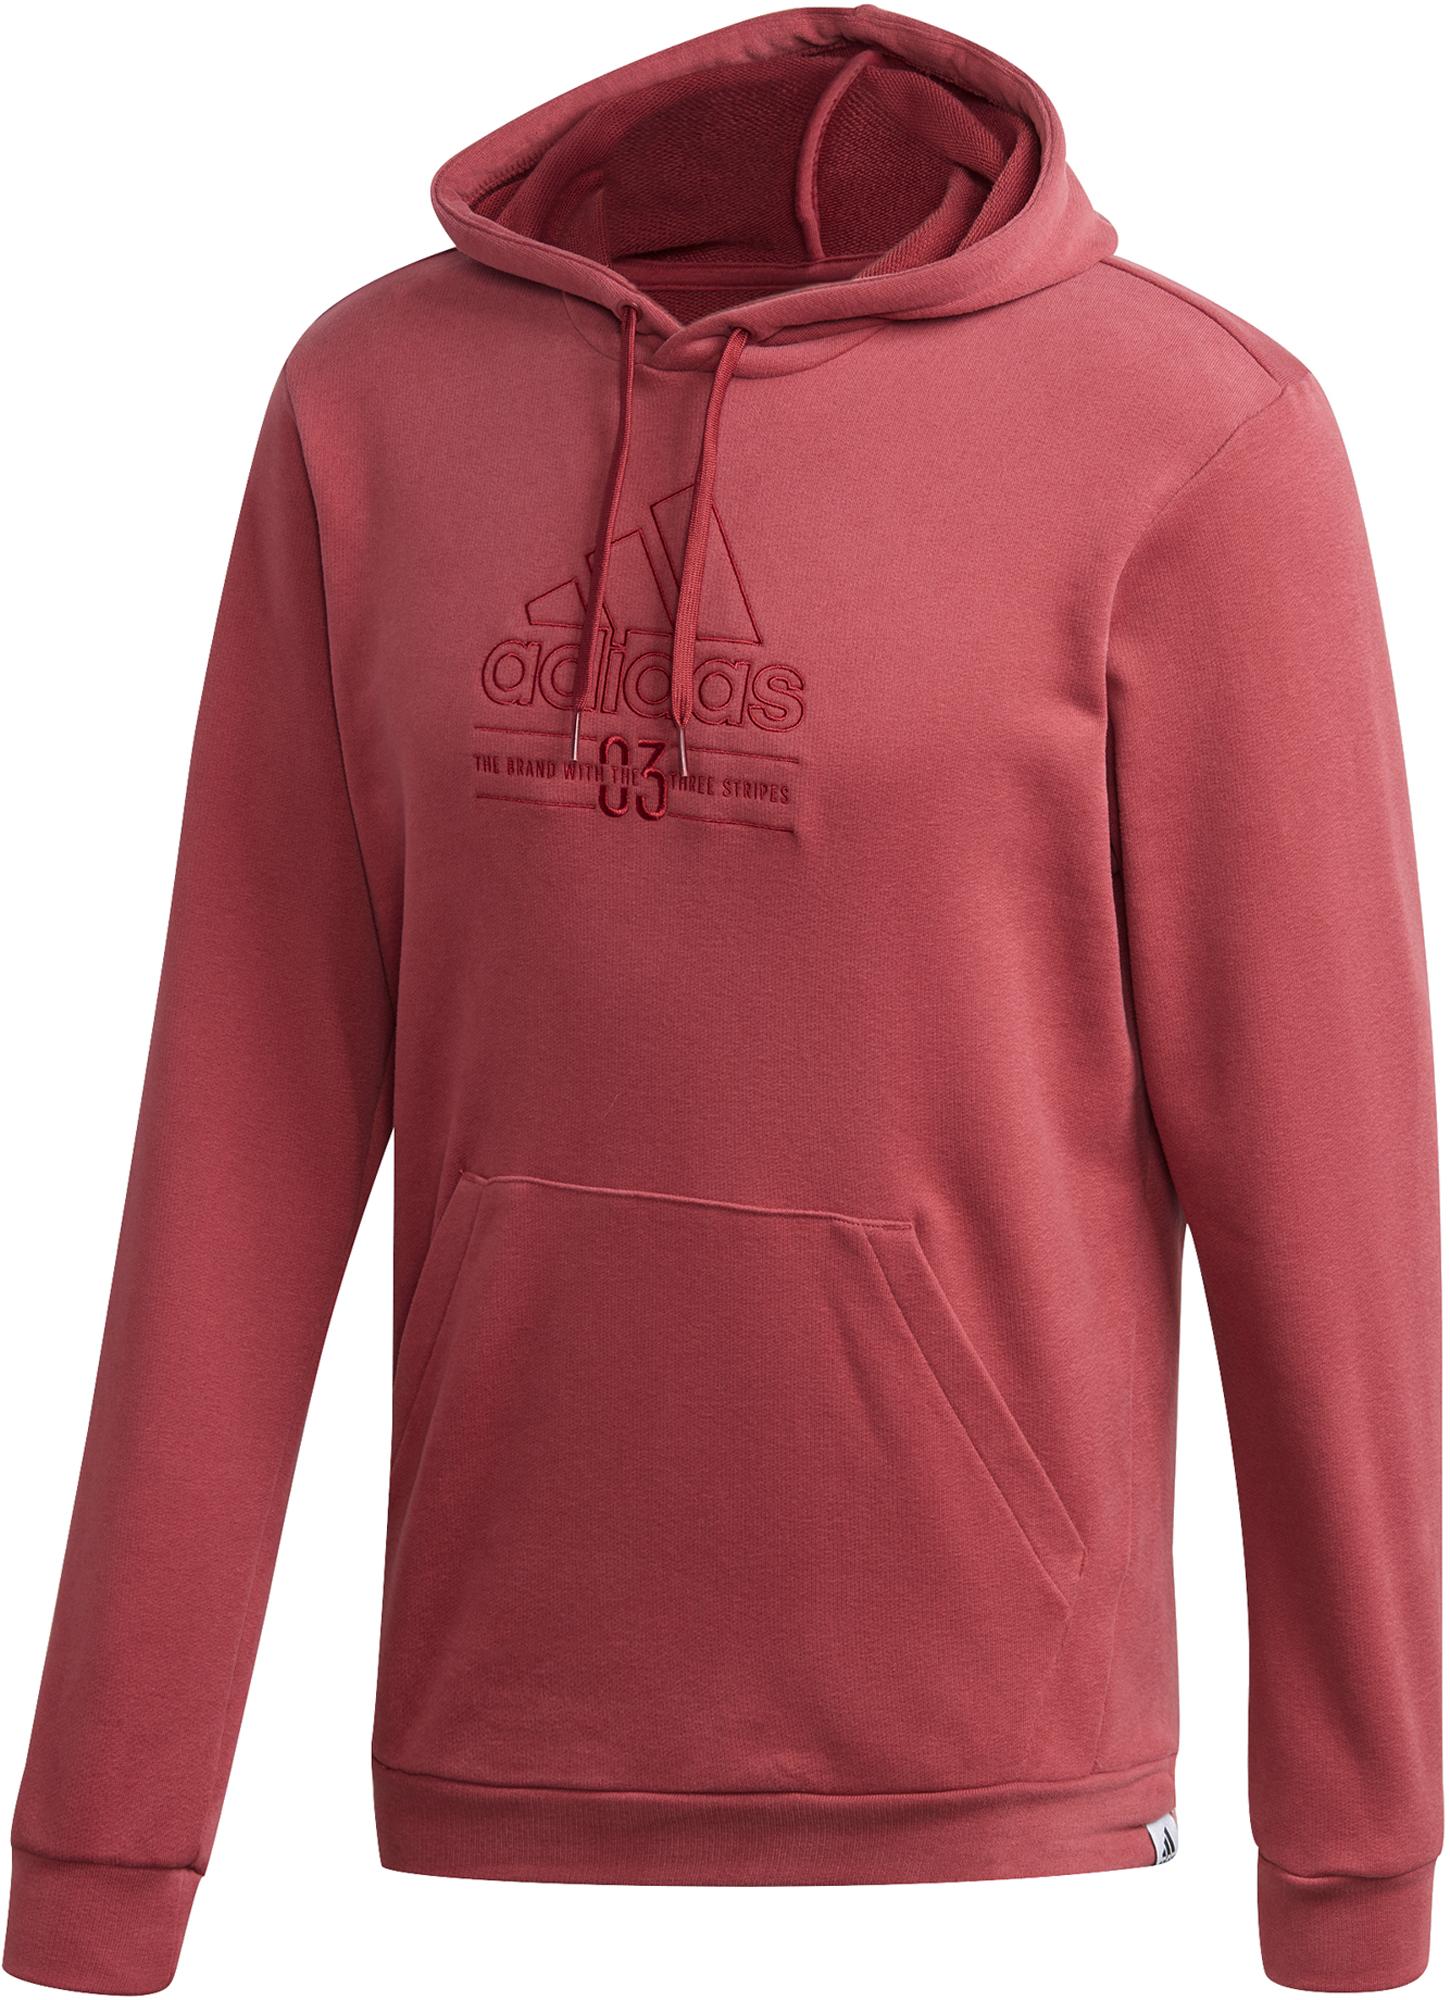 худи женское adidas ess 3s fz hd цвет серый розовый br2438 размер s 42 44 Adidas Худи мужская adidas Brilliant Basics, размер 44-46